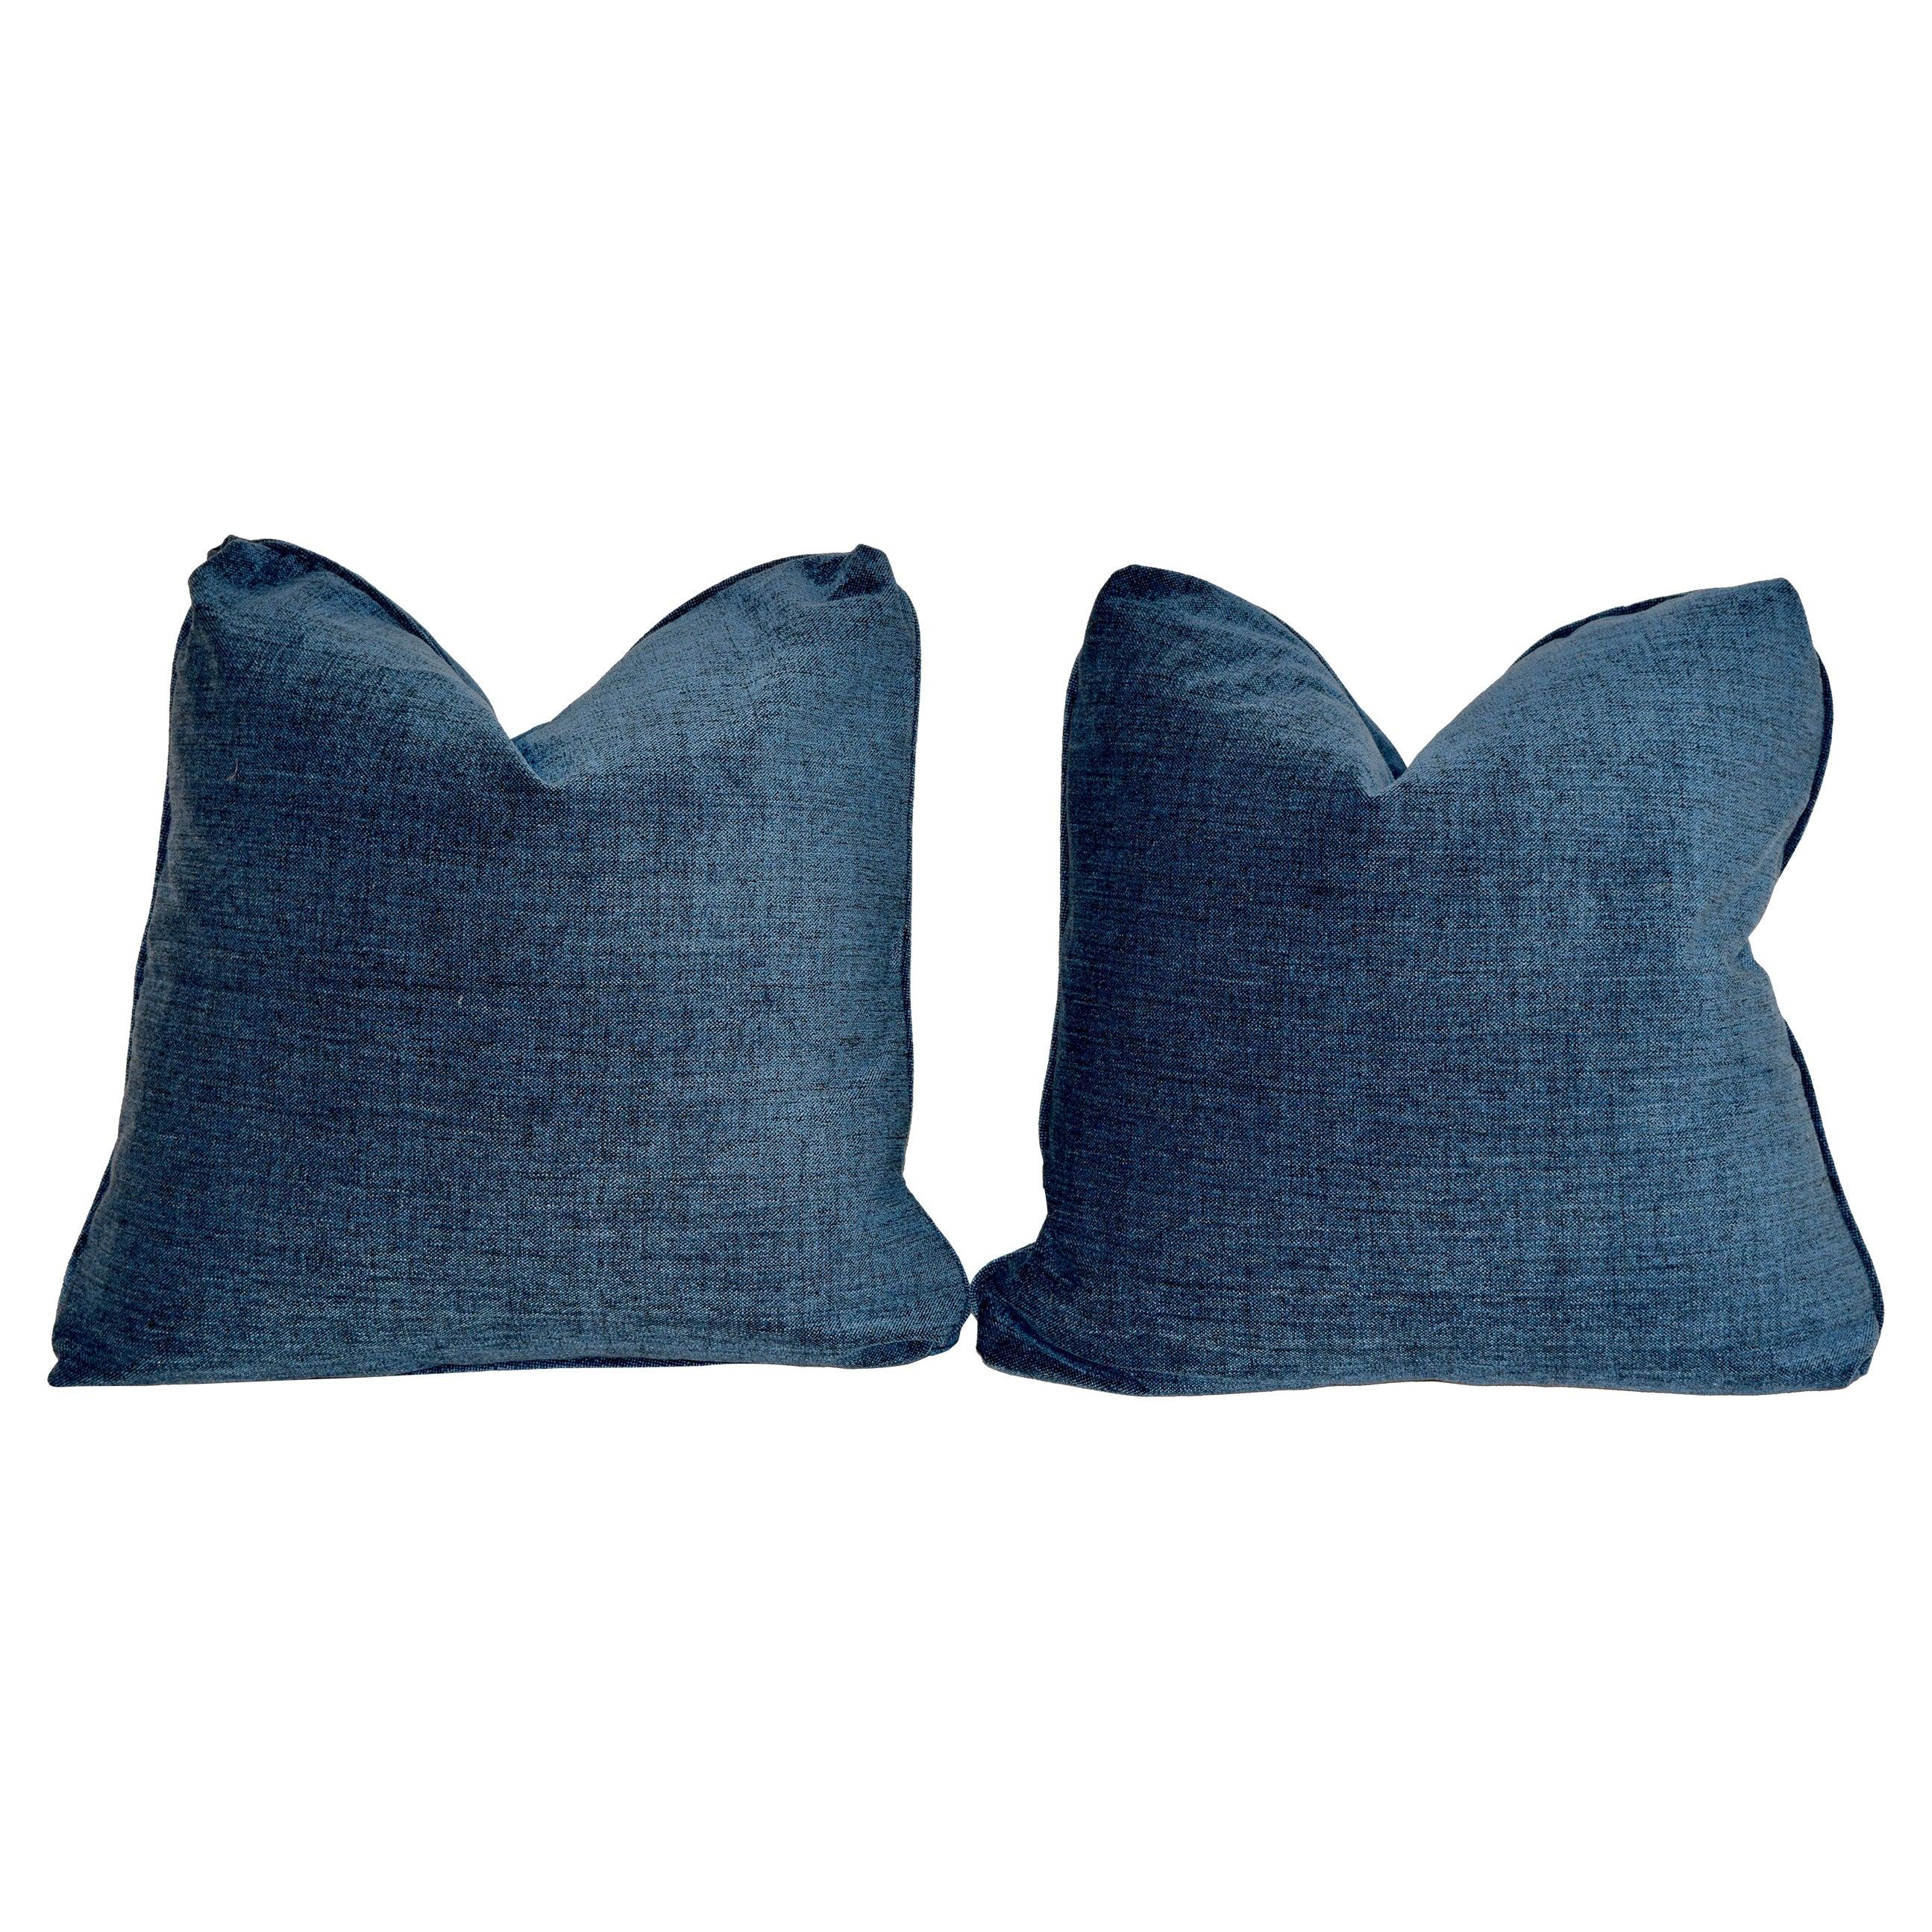 Handmade Velvet Pillows